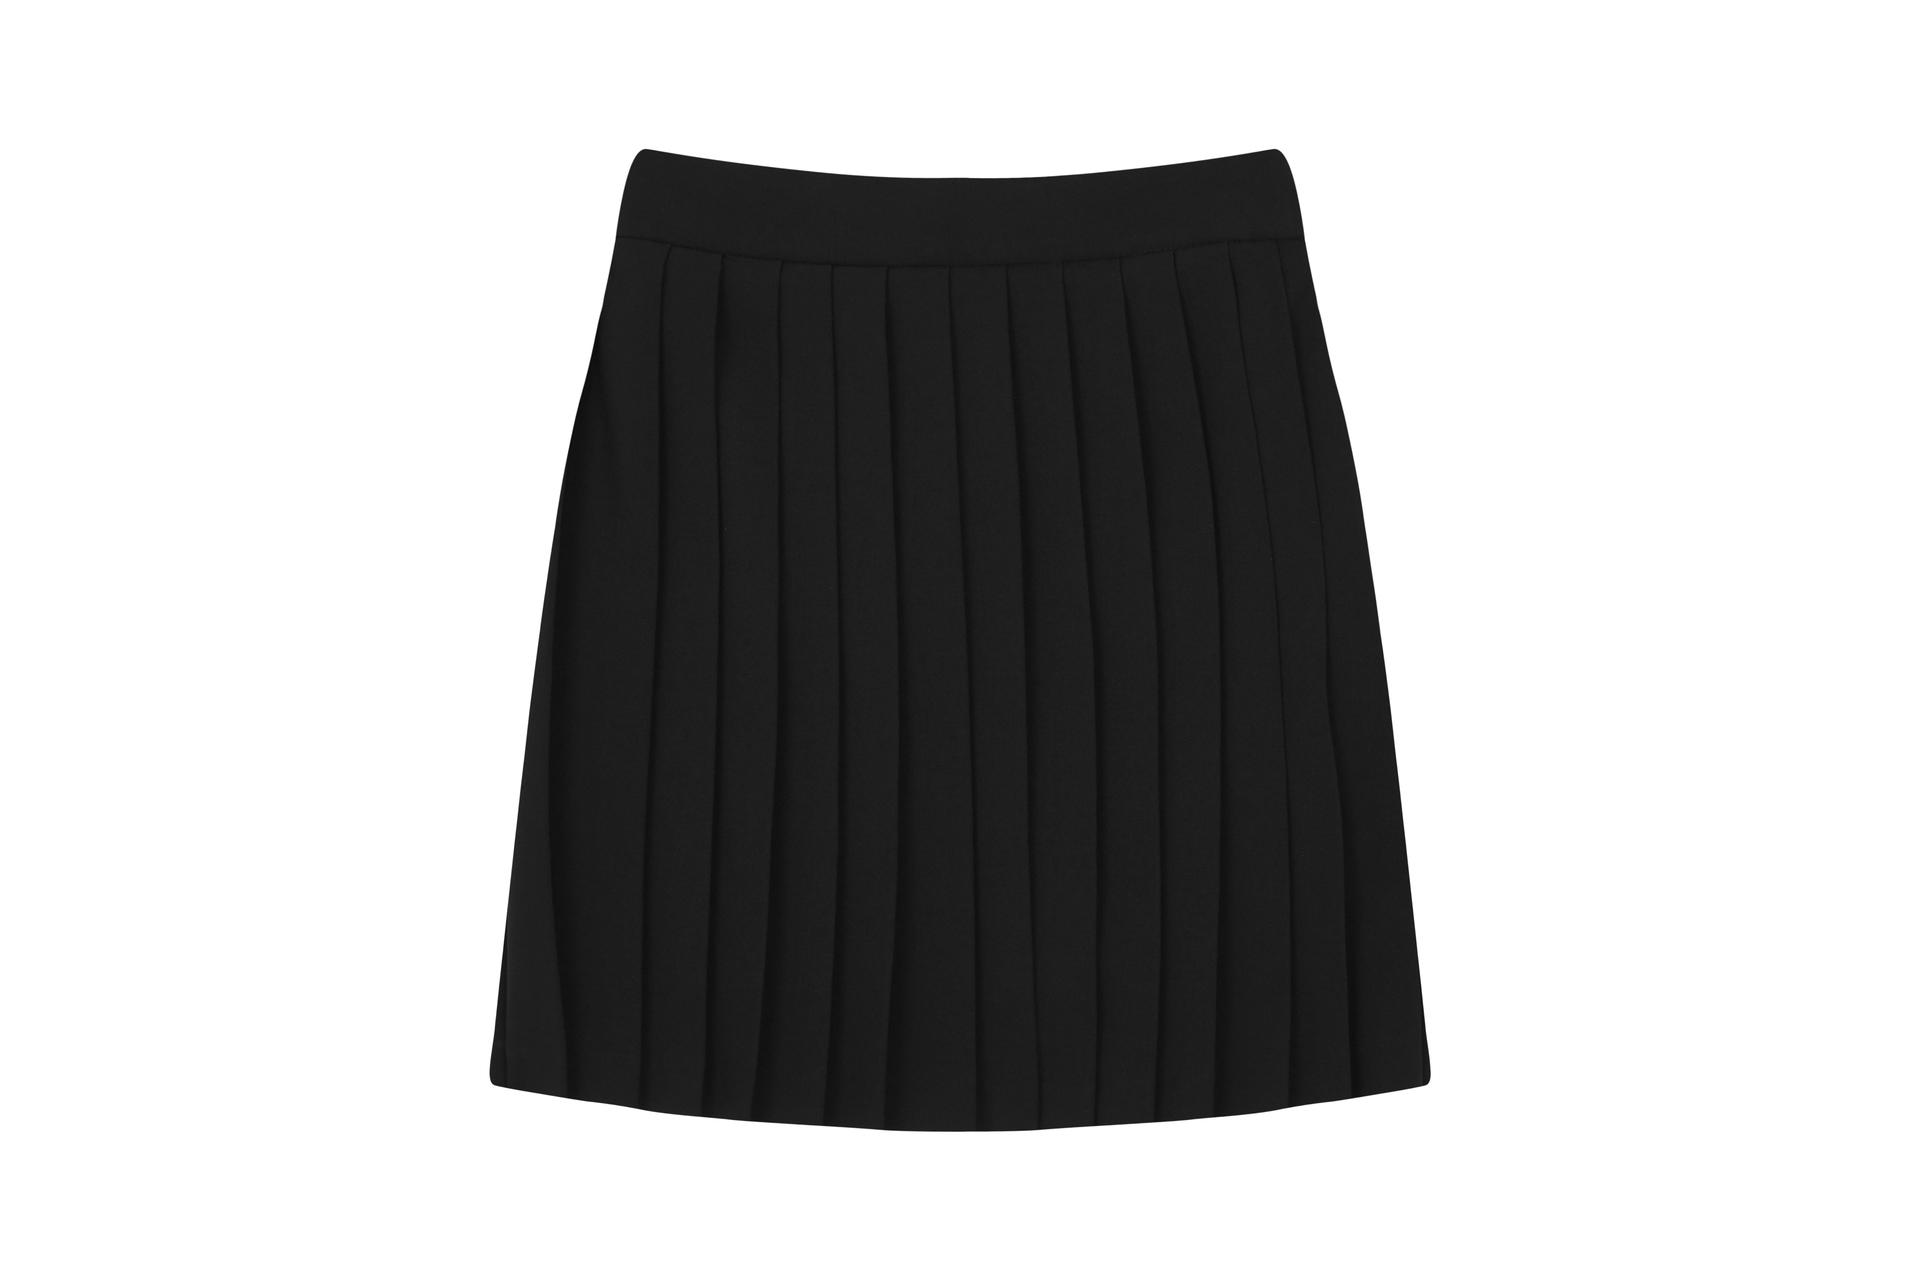 72dpi-239145e5ee-58.-BY-JOHNNY,-Aimee-Pleat-Skirt-Black,-290,-www.byjohnny.com.au